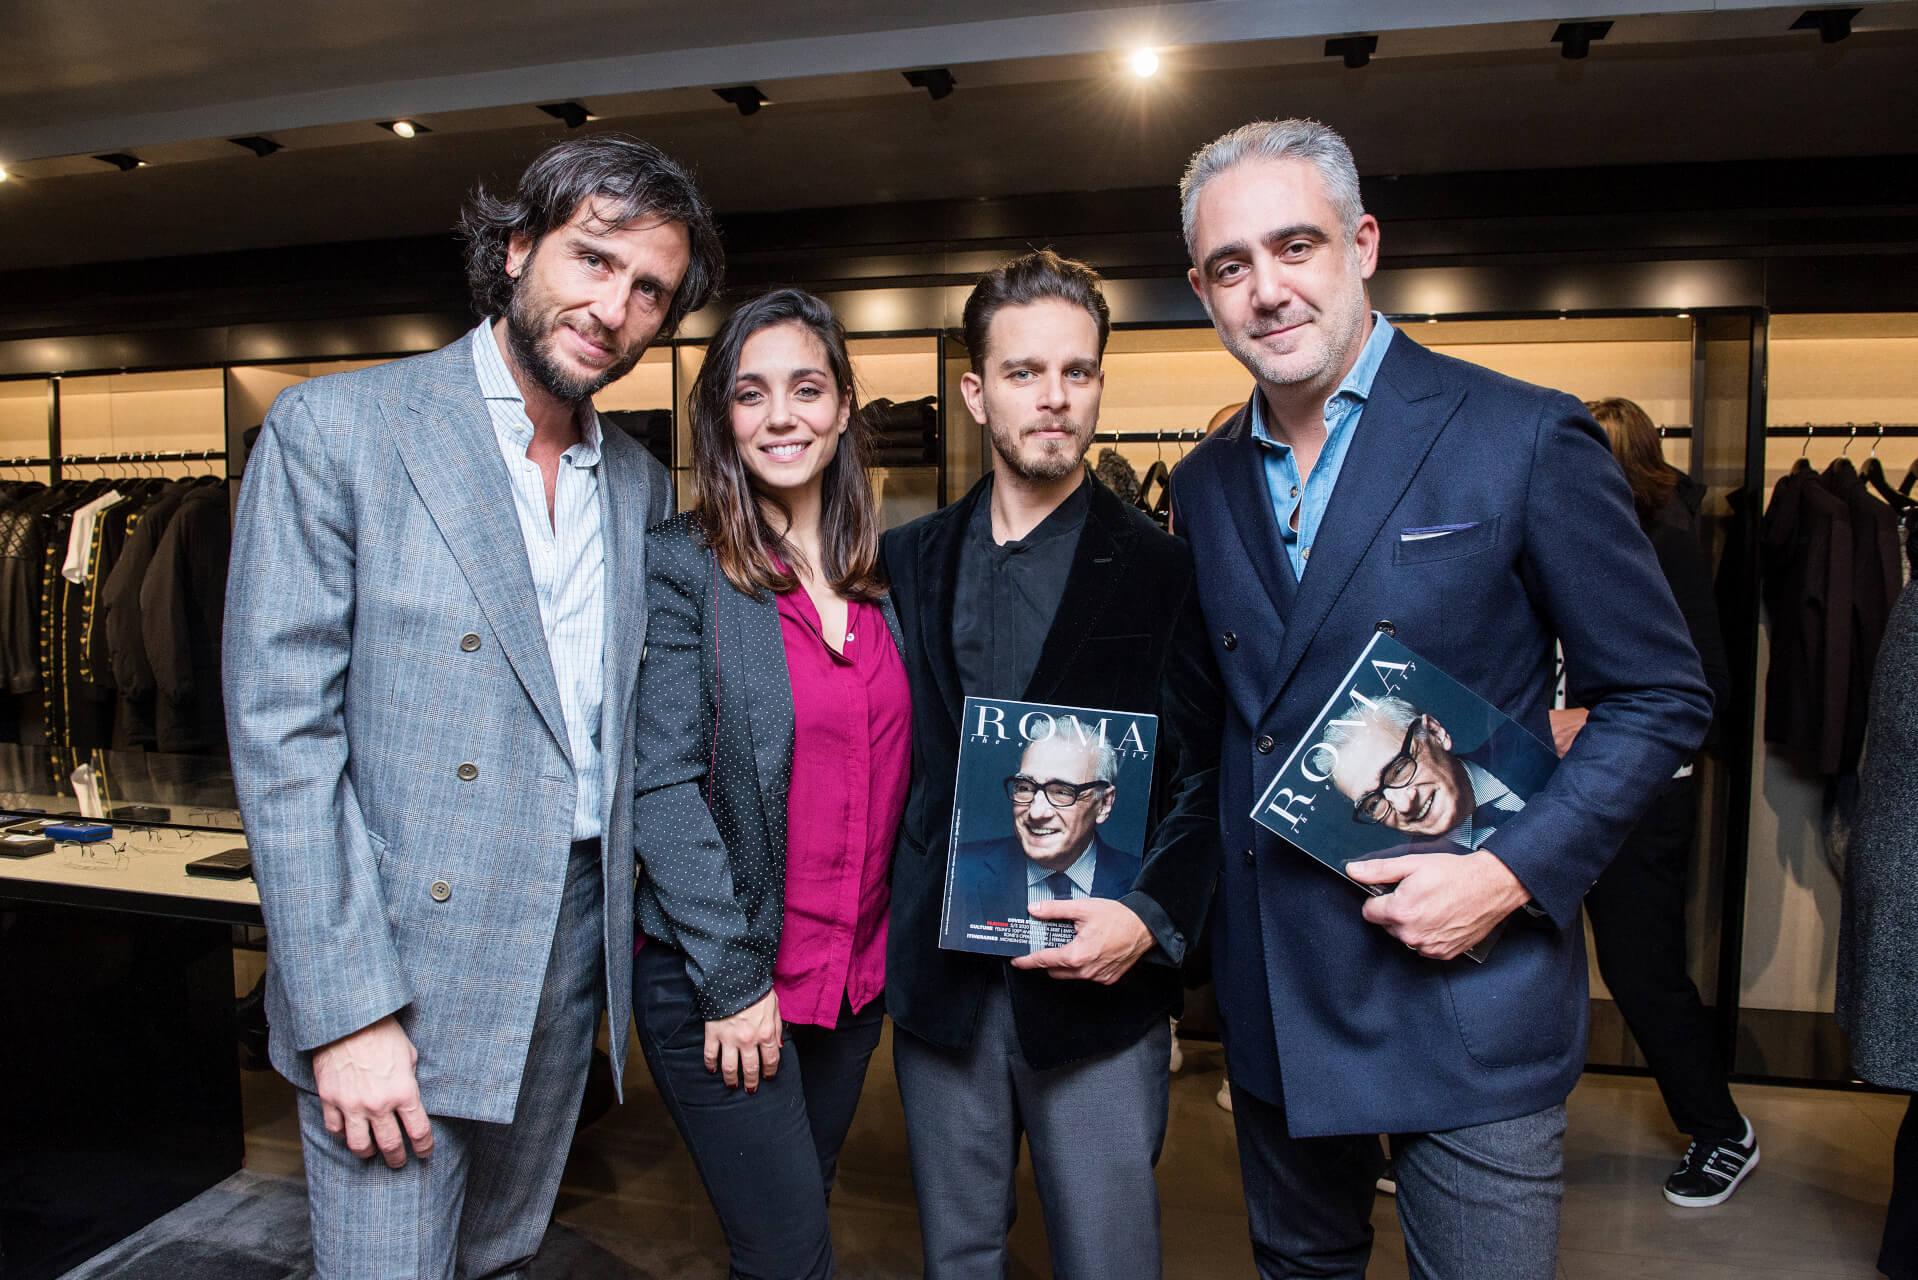 Alex Vittorio Lana, Cristiana Dell'Anna, Arturo Muselli, Matteo Parigi Bini